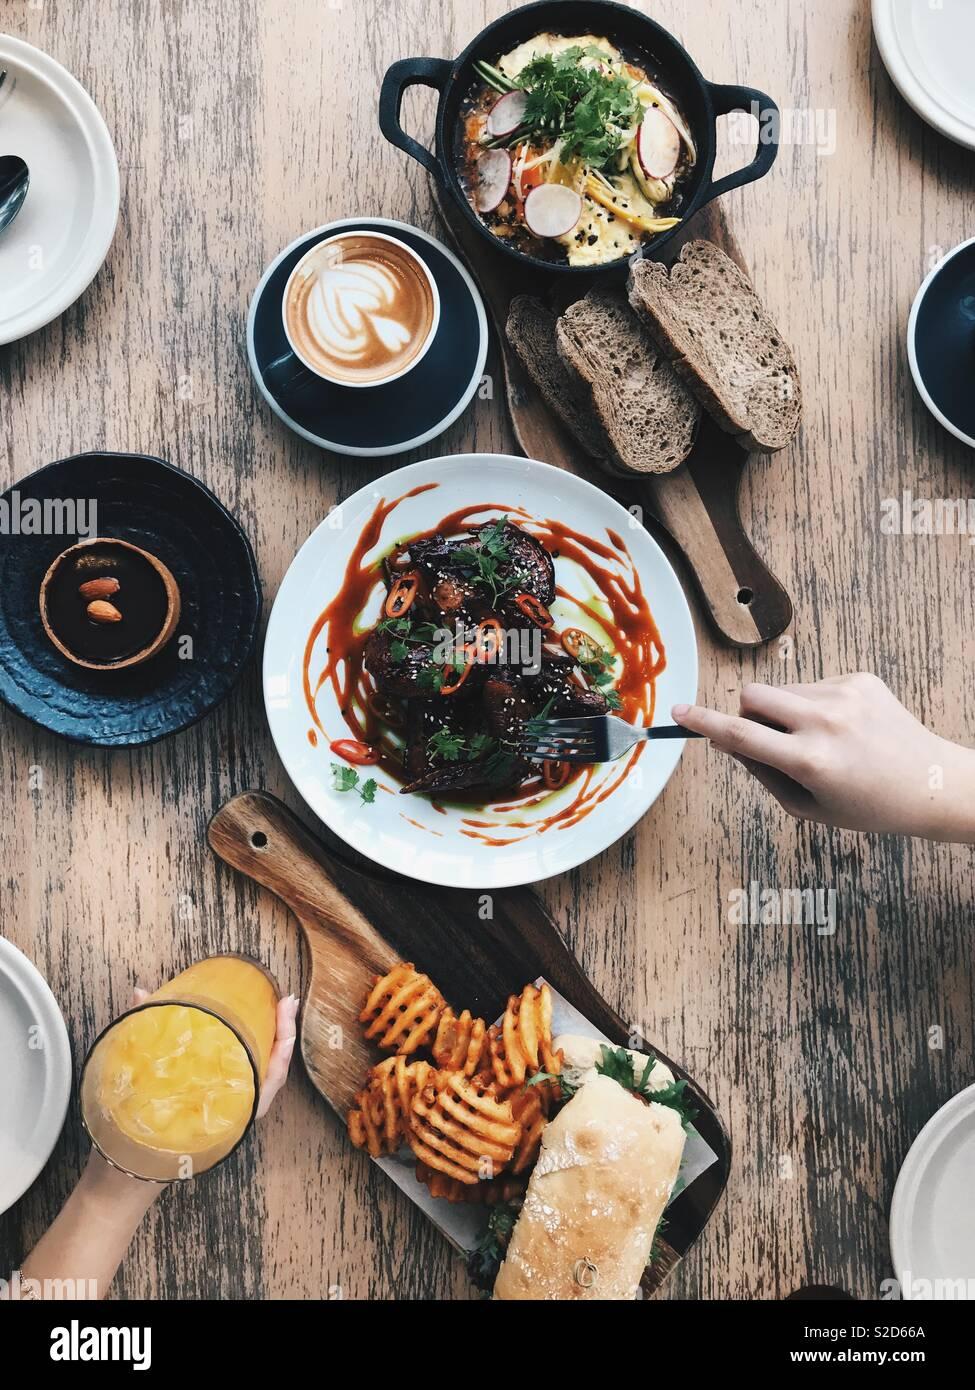 Comida e café Imagens de Stock